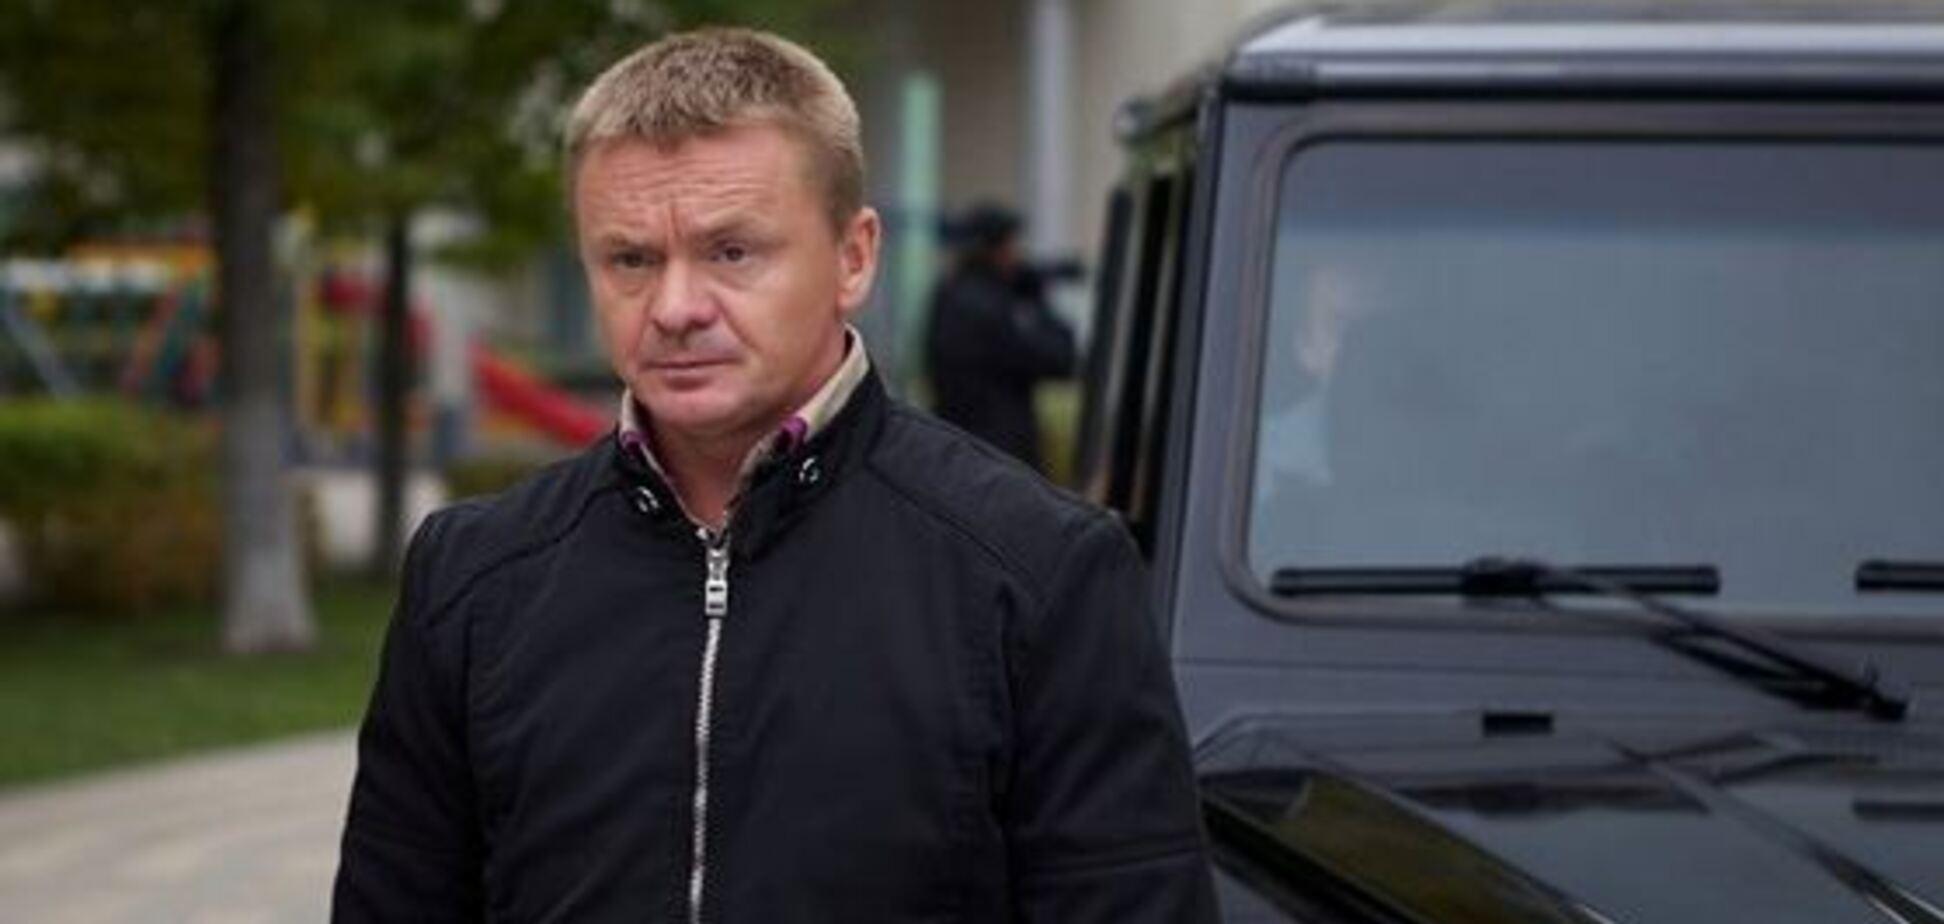 Звезду 'Физрука' обвиняли в двойном убийстве: актер раскрыл подробности